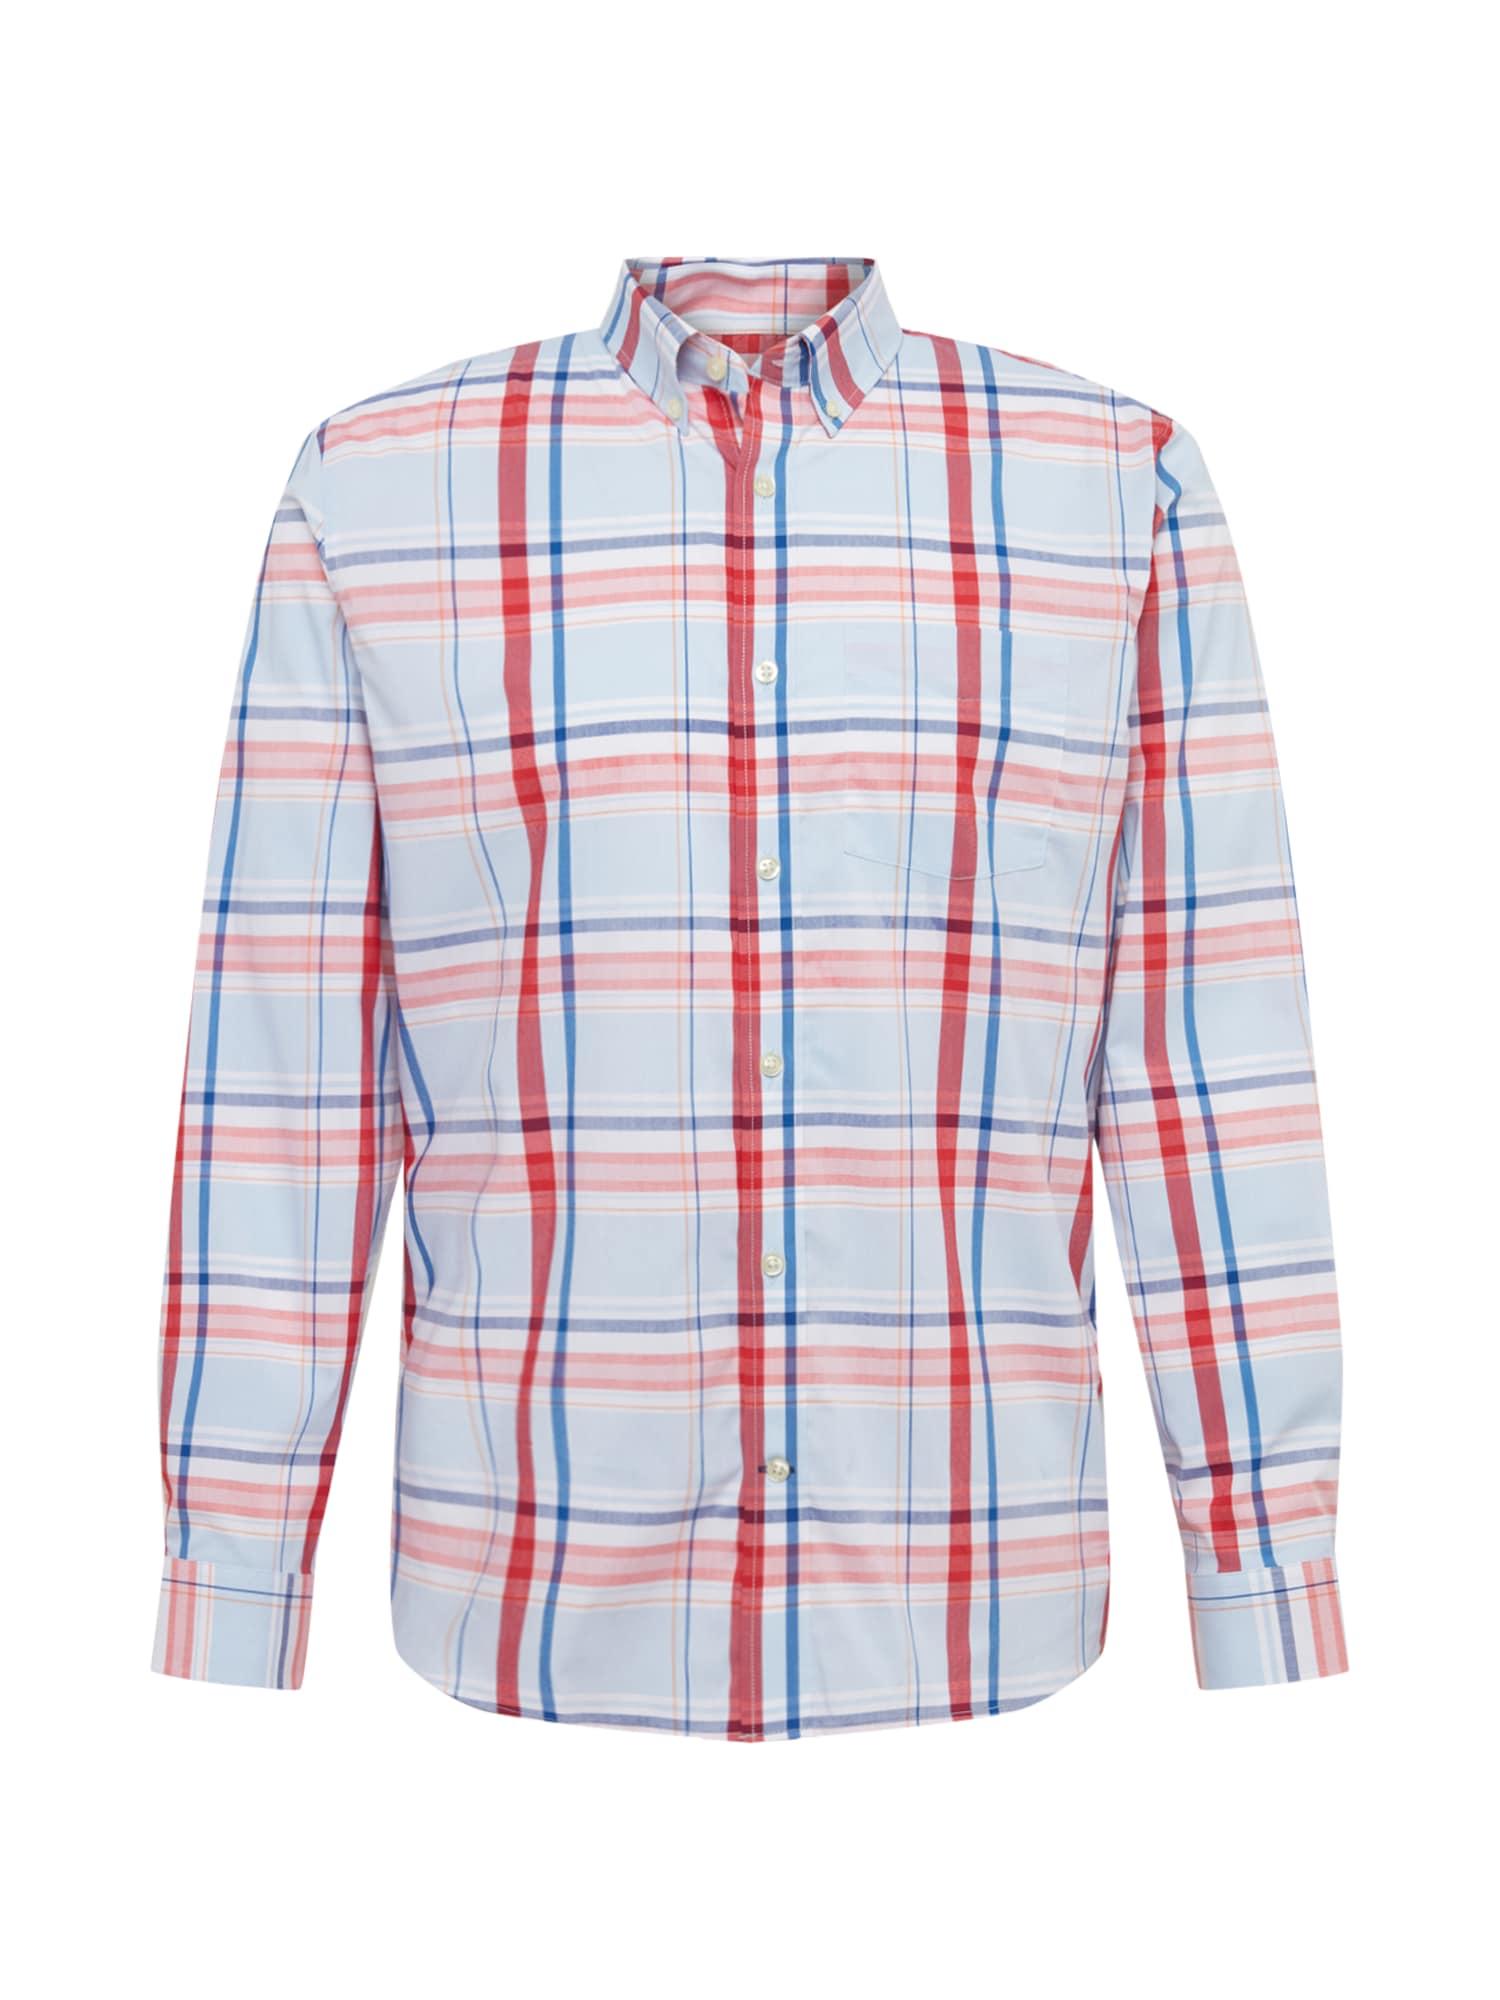 GAP Dalykiniai marškiniai mėlyna / raudona